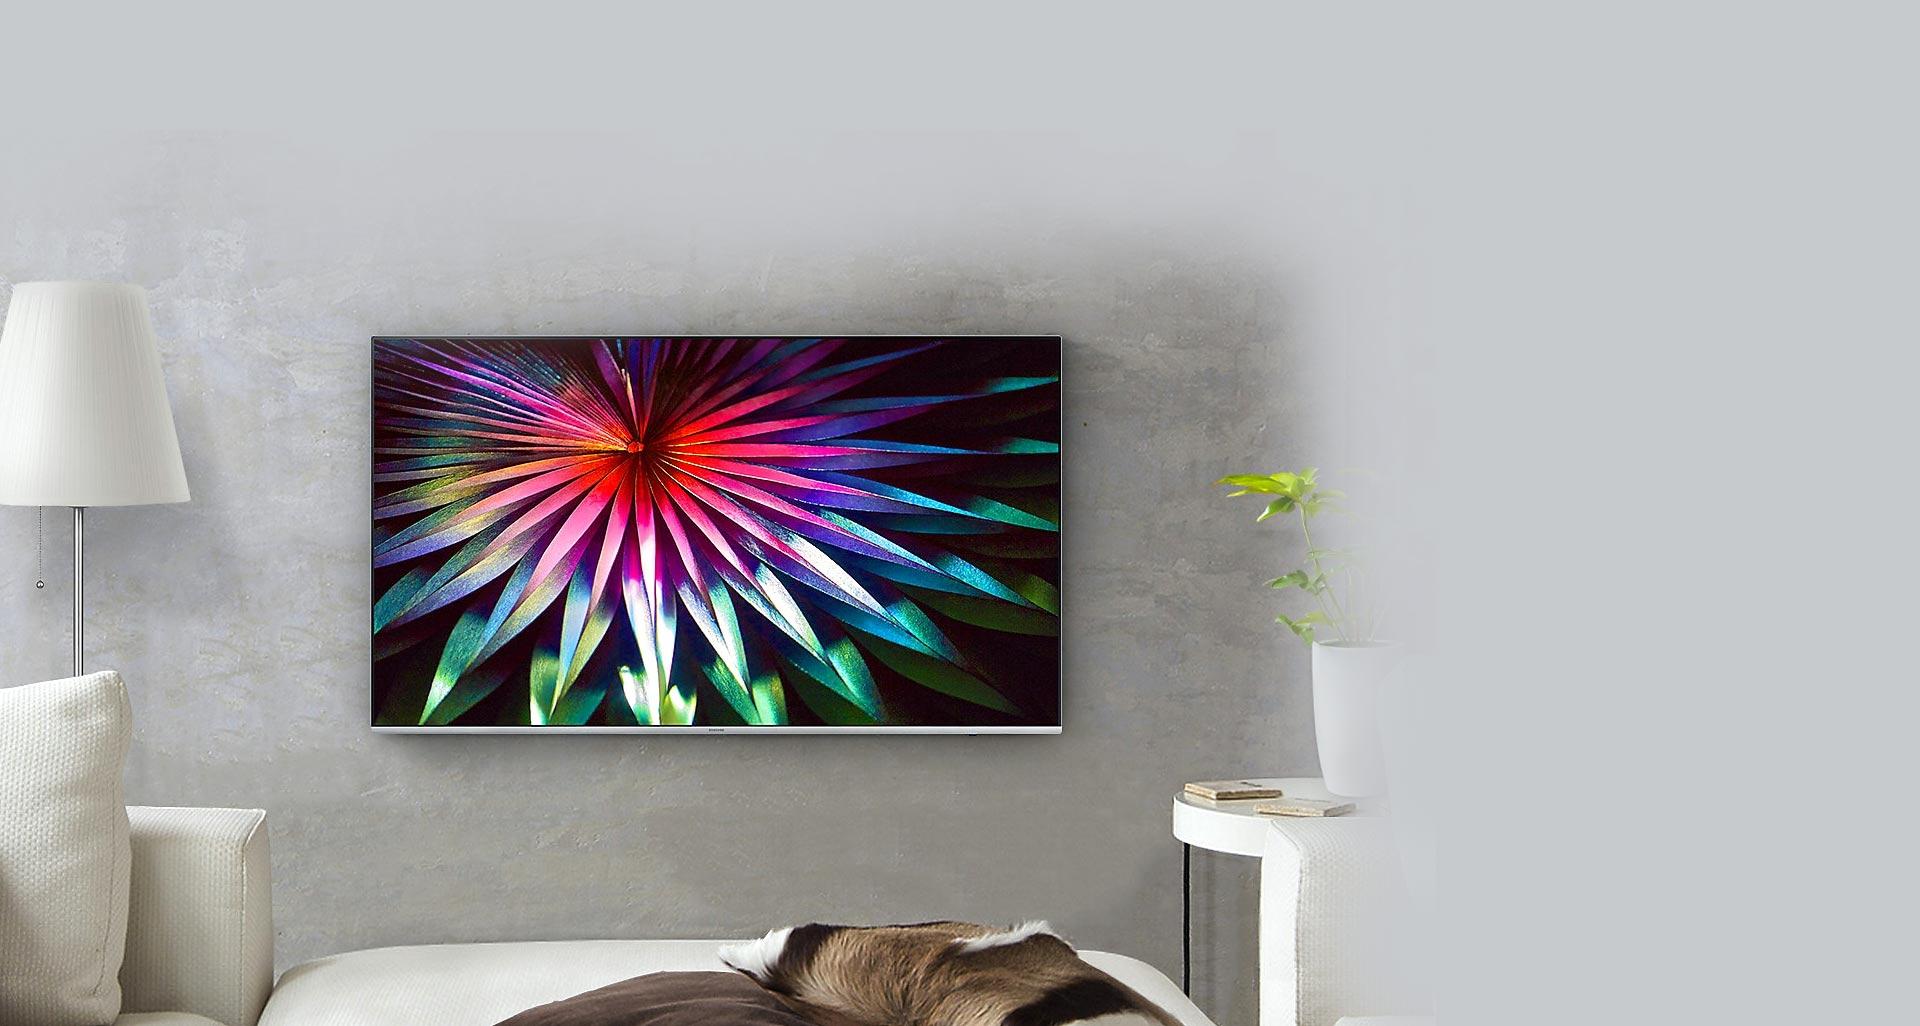 نوآوری برجسته در جزییات با تلویزیون 8900